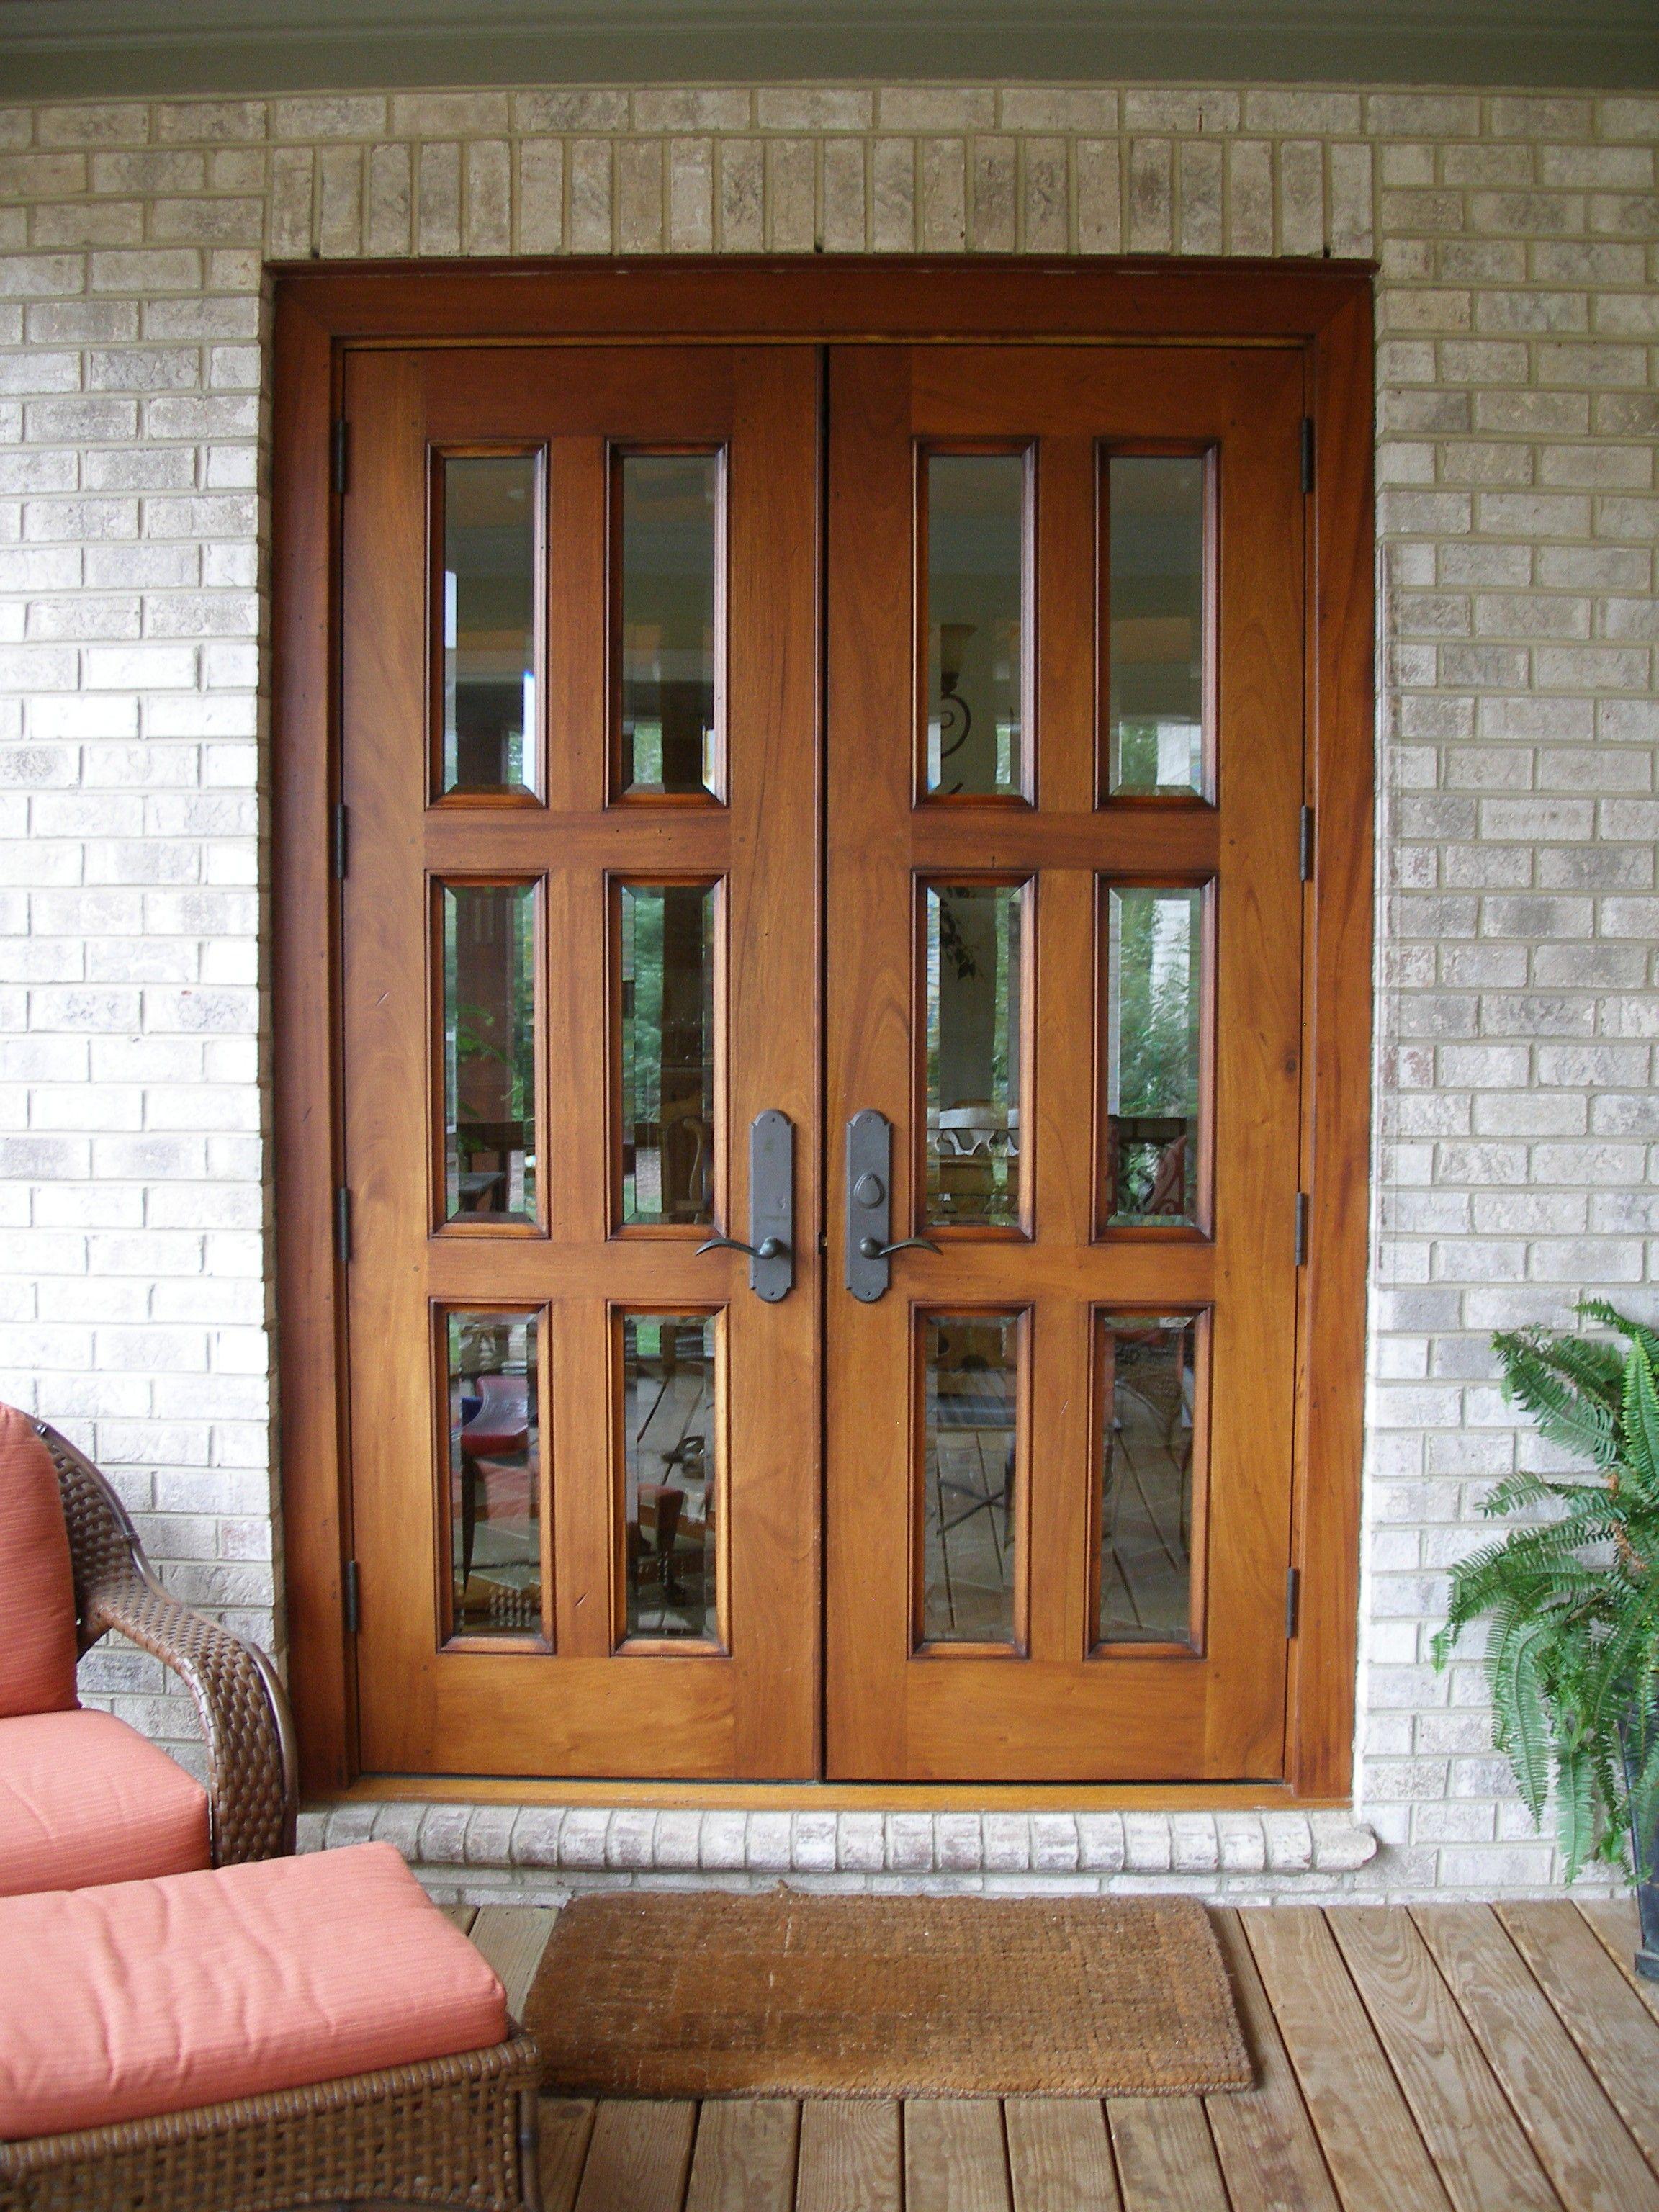 Exterior Double Brown Wooden Patio Doors With Black Metal Handles